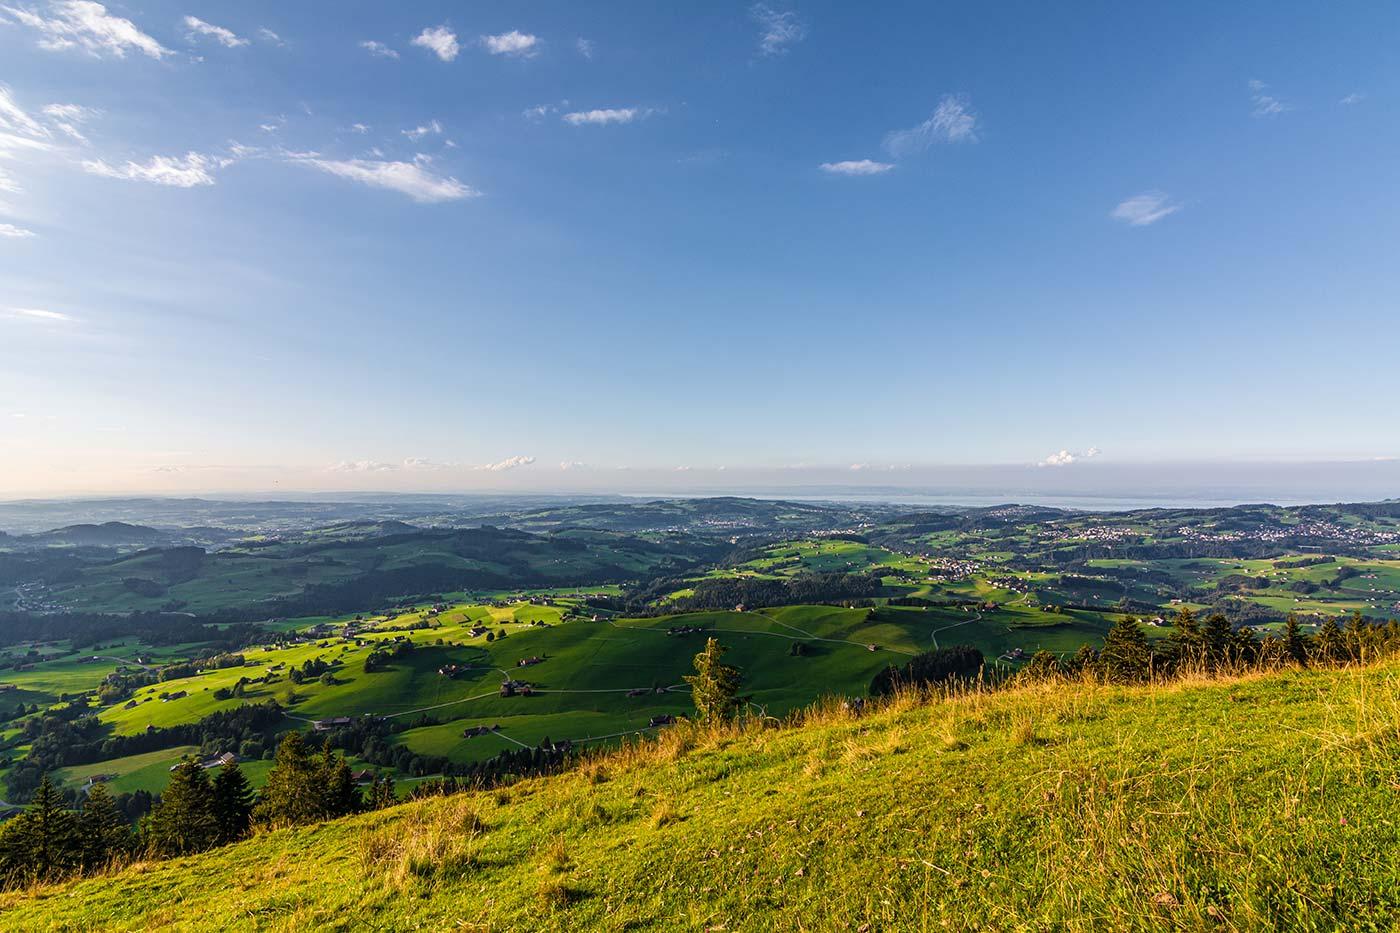 Ein spektakulärer Aussichtspunkt in der Nähe des Bodensees ist die Hundwiler Höhi - von dort kann man toll die Alpen und die Landschaft der Bodenseeregion sehen